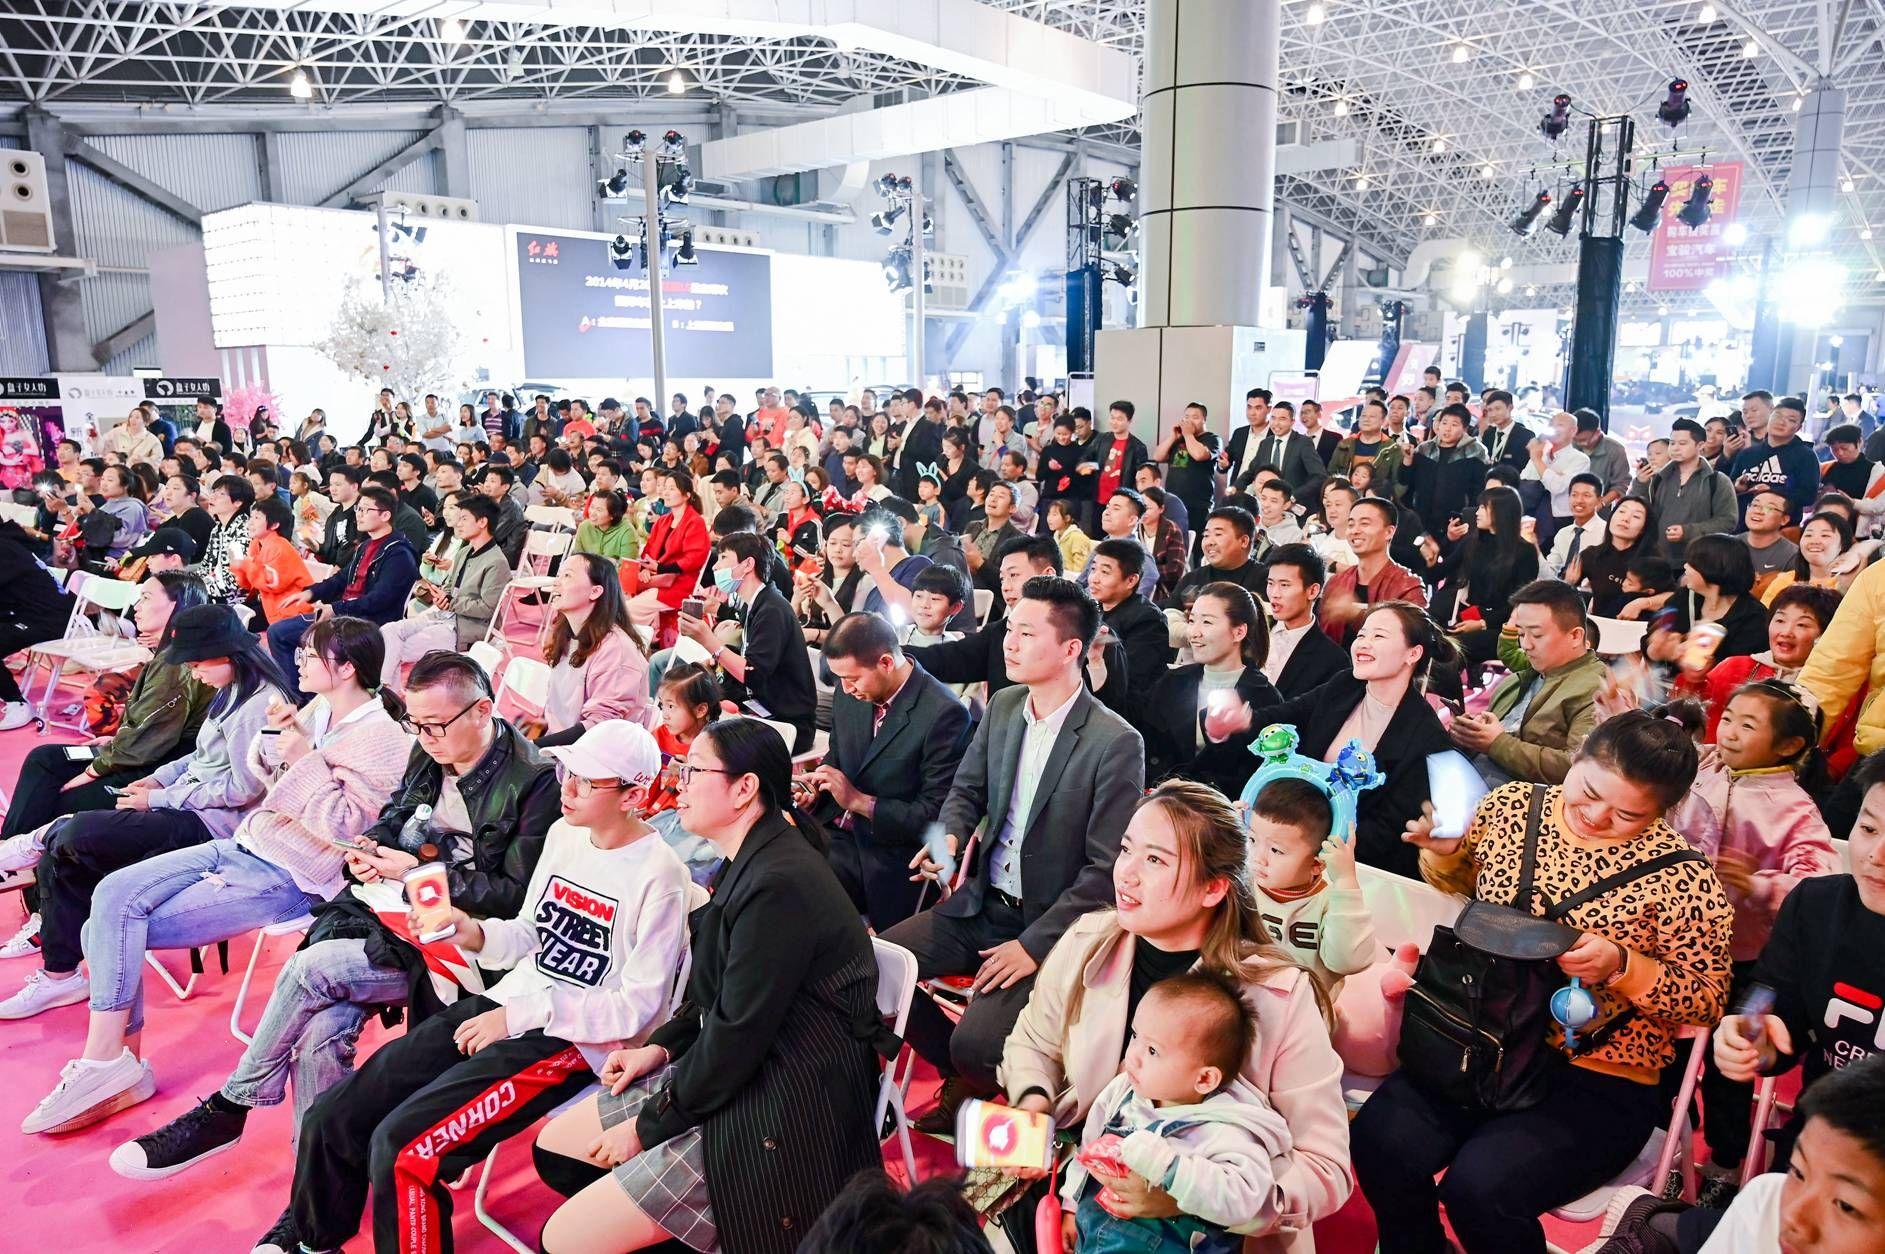 官宣:2020中国•昆山国际汽车博览会定档7月24-27日